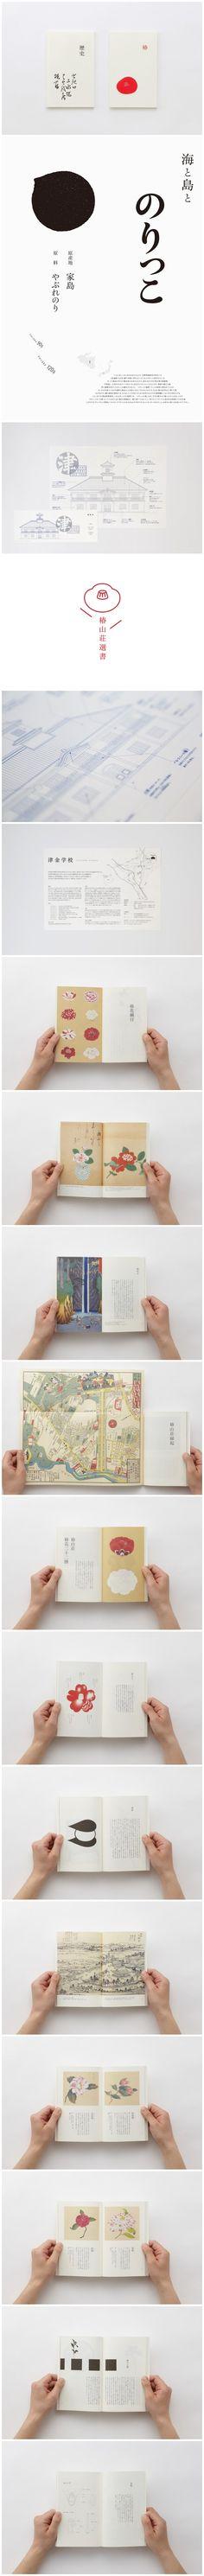 大黑大悟的书籍排版